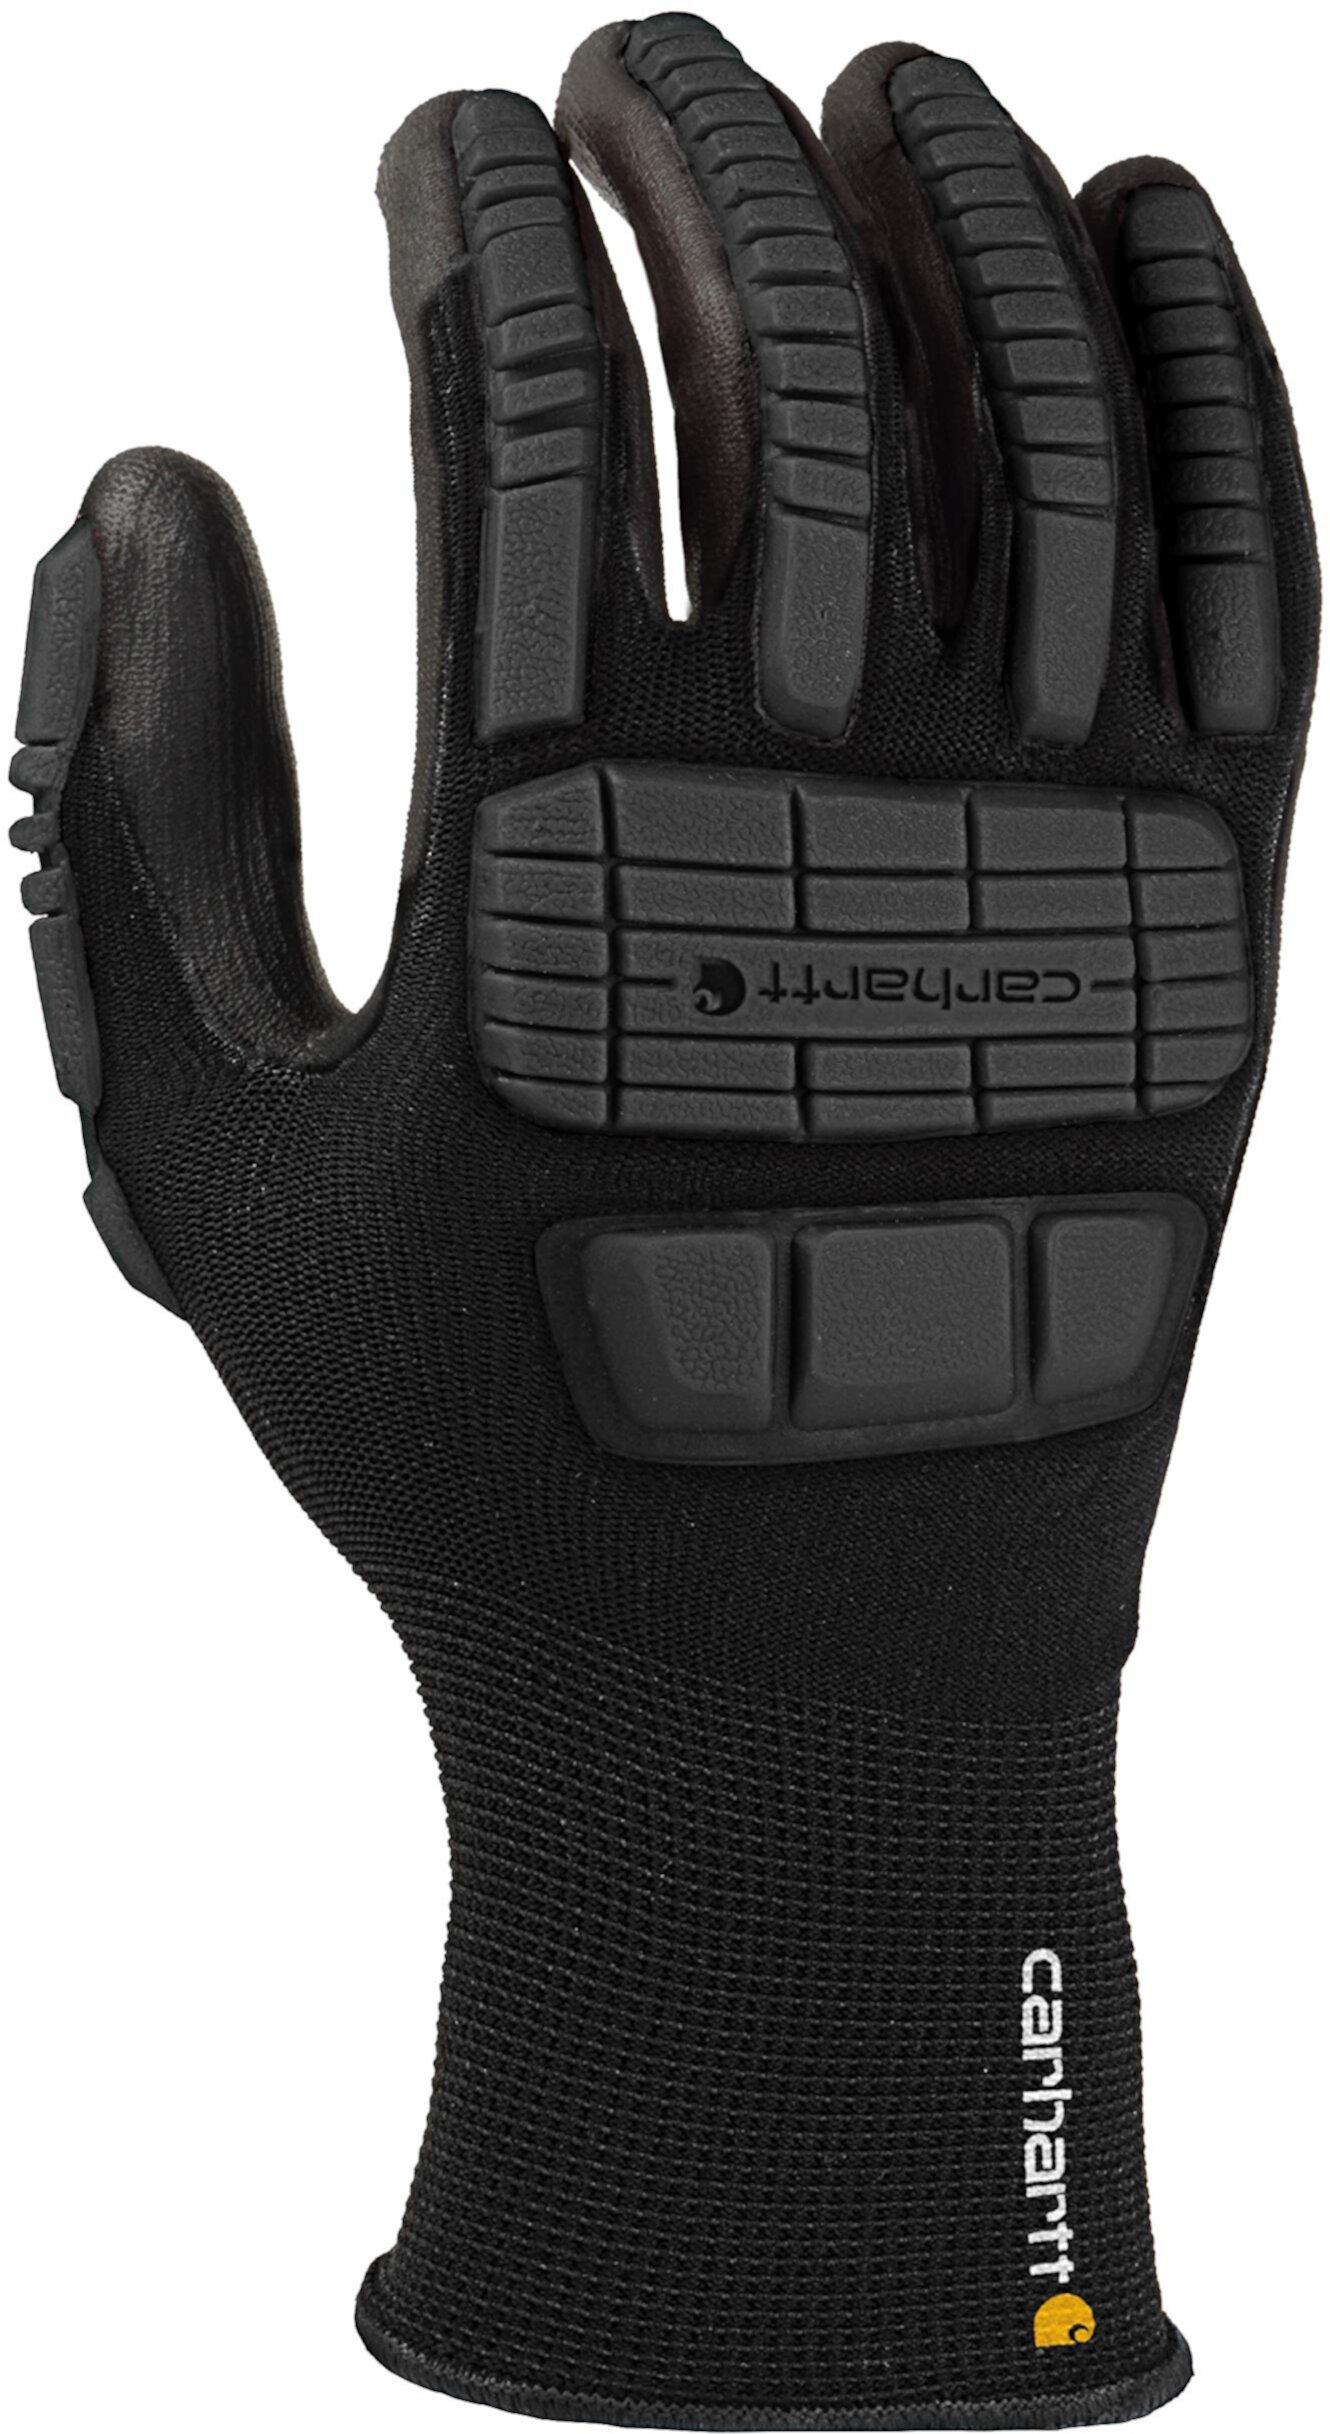 Ударная гибридная перчатка Carhartt